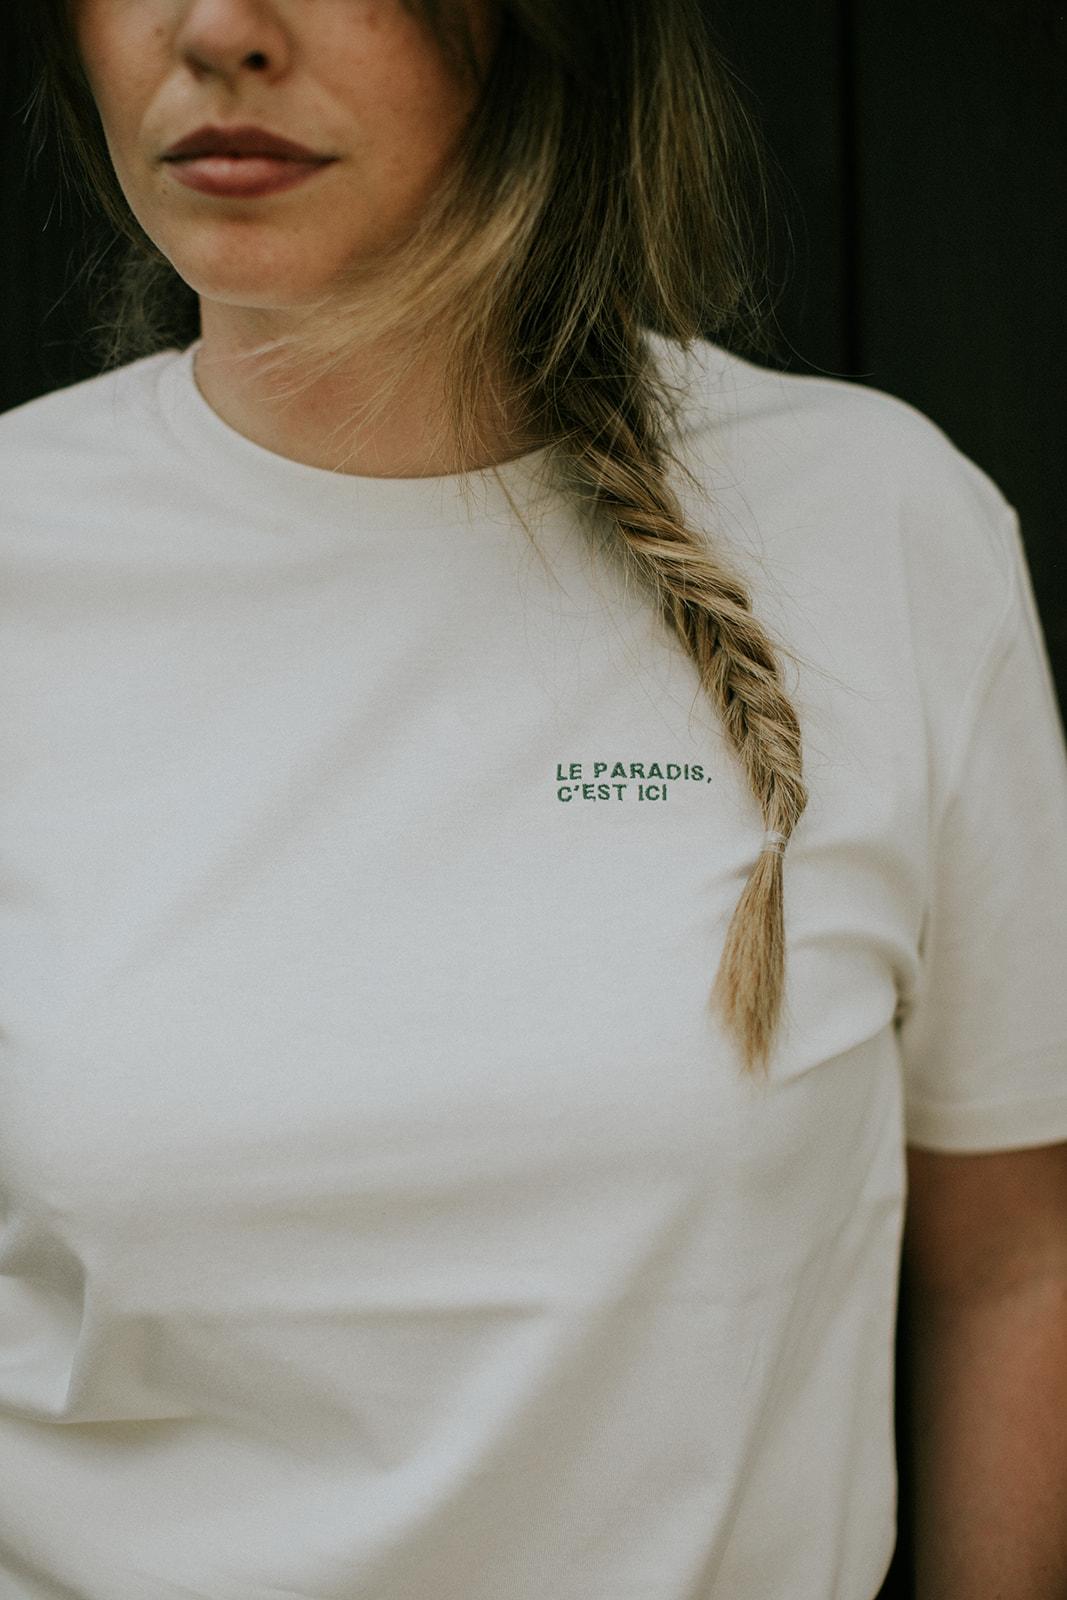 Le paradis, c'est ici t-shirt by Mangos on Monday - Estelle Darimont